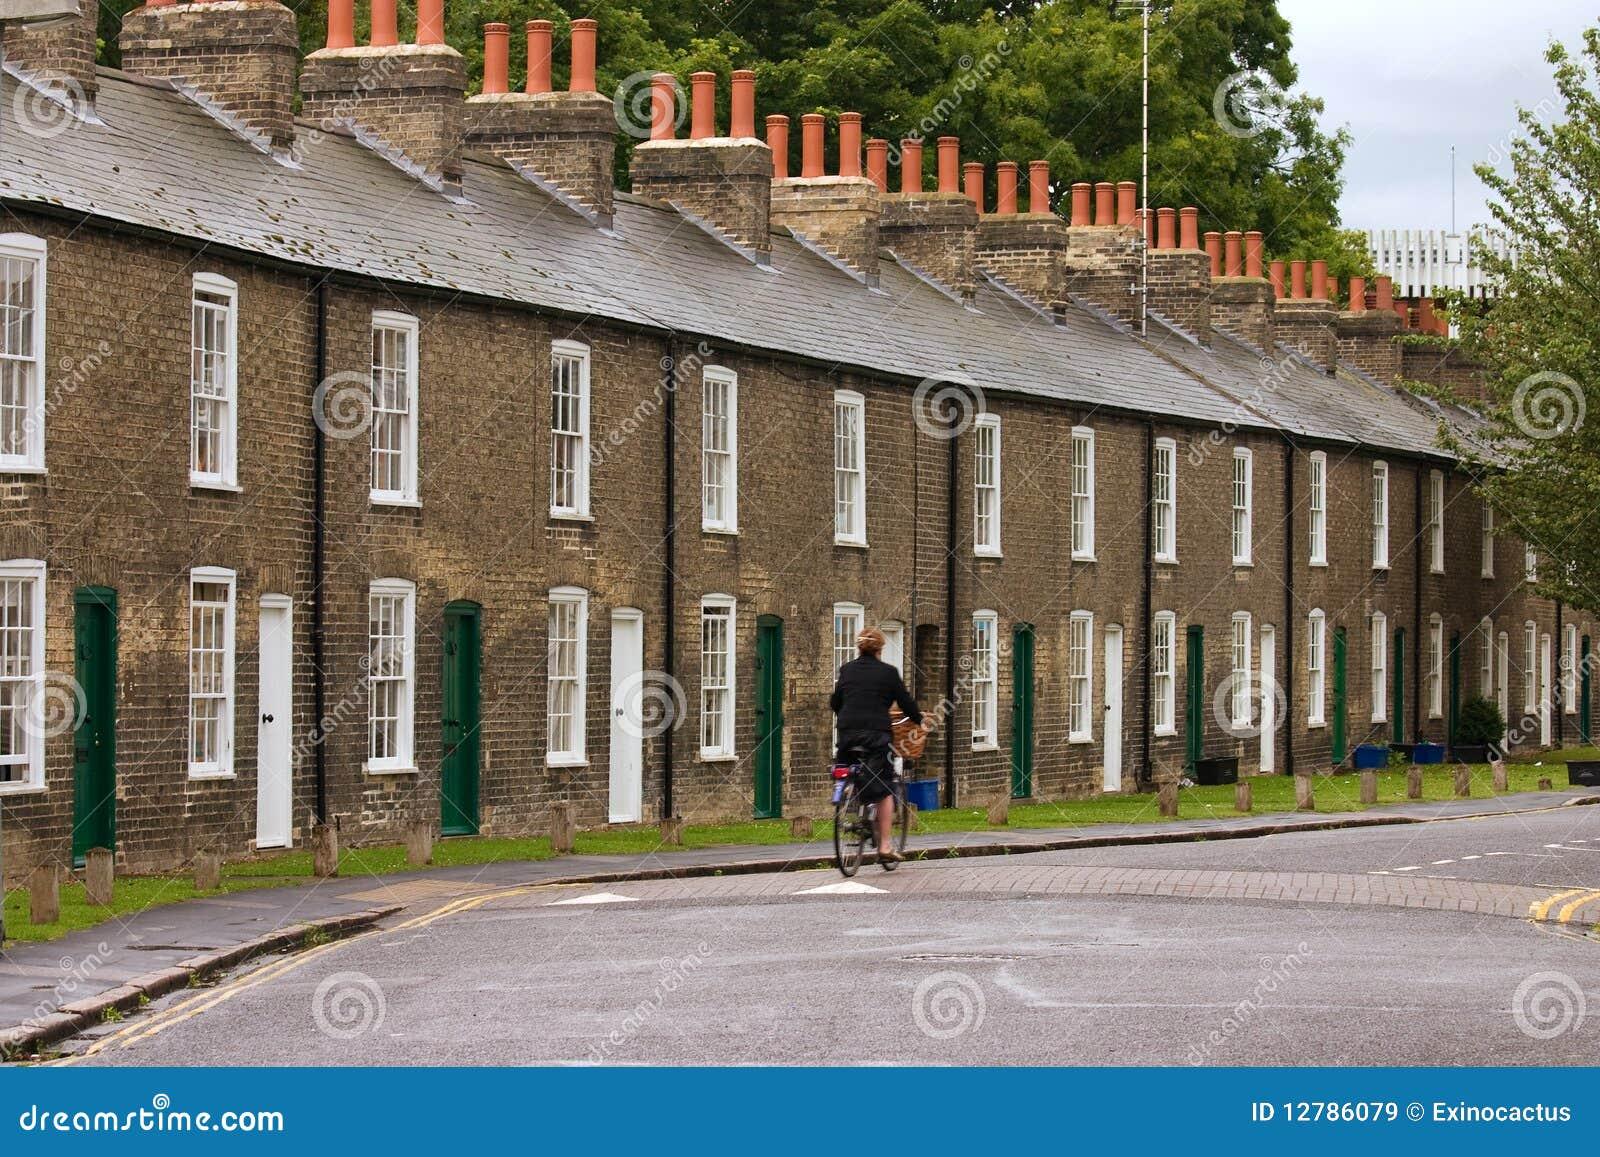 Riga delle case inglesi caratteristiche immagine stock for Case inglesi foto